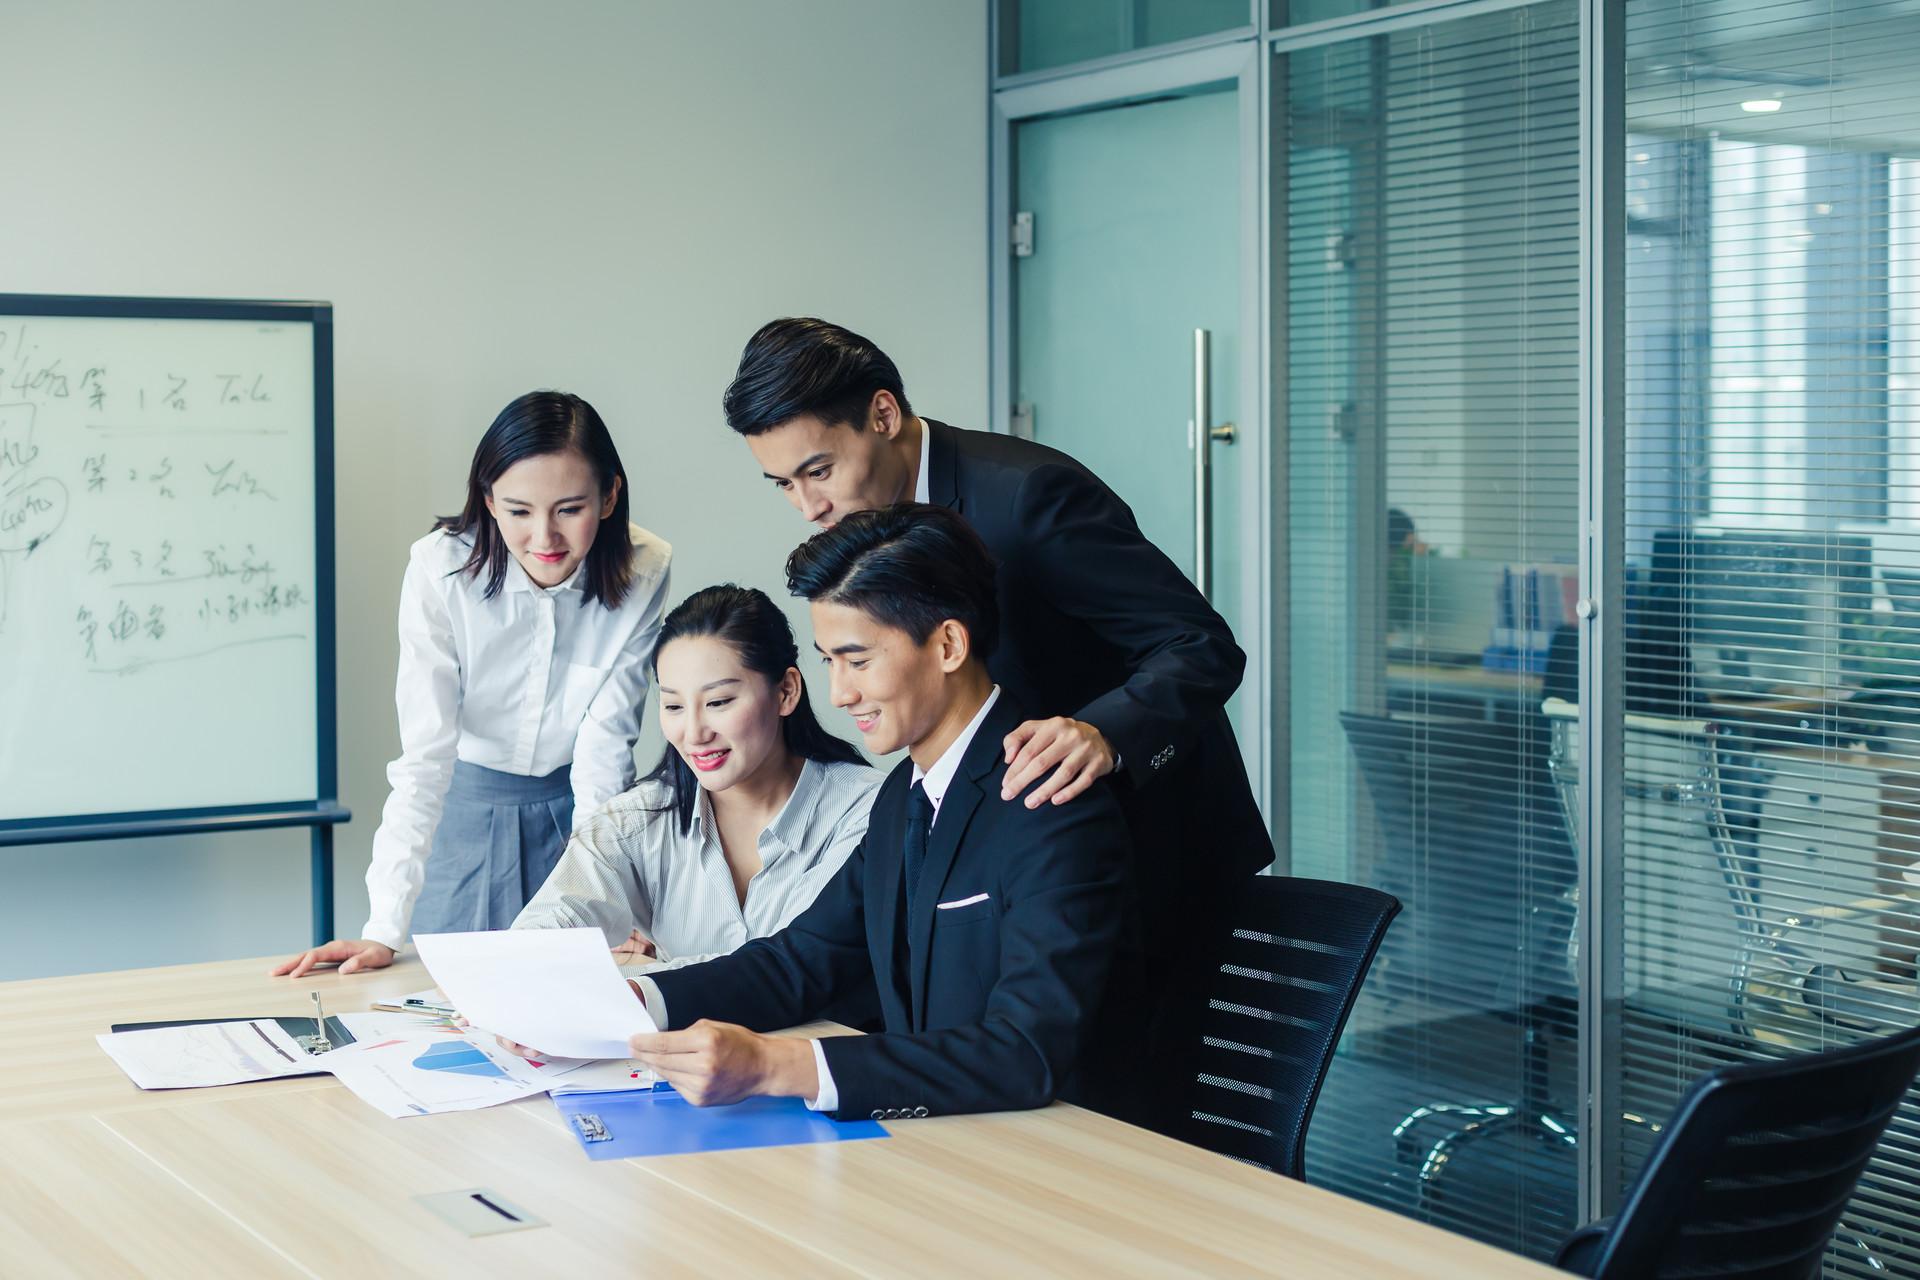 成都社保代理公司教你查询保费的常用方法,学起来吧